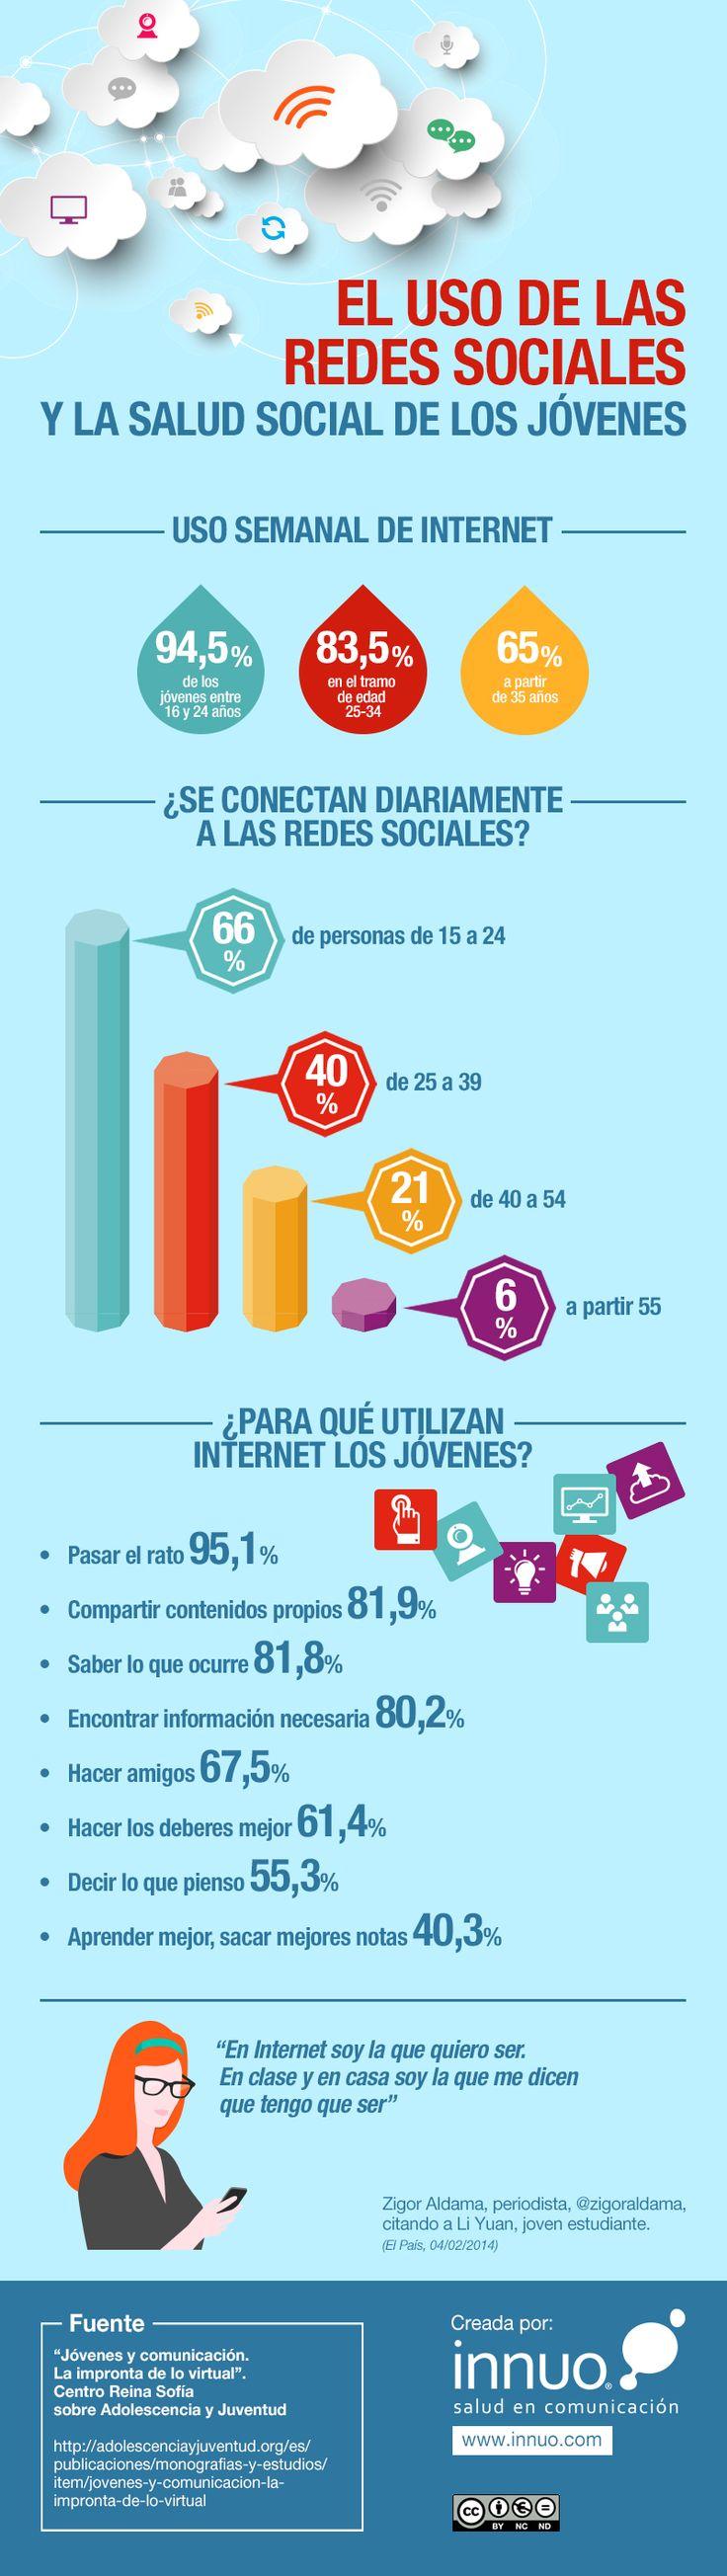 El uso de las redes sociales y la salud social de los jóvenes, según el estudio del Centro Reina Sofía sobre Adolescencia y Juventud.